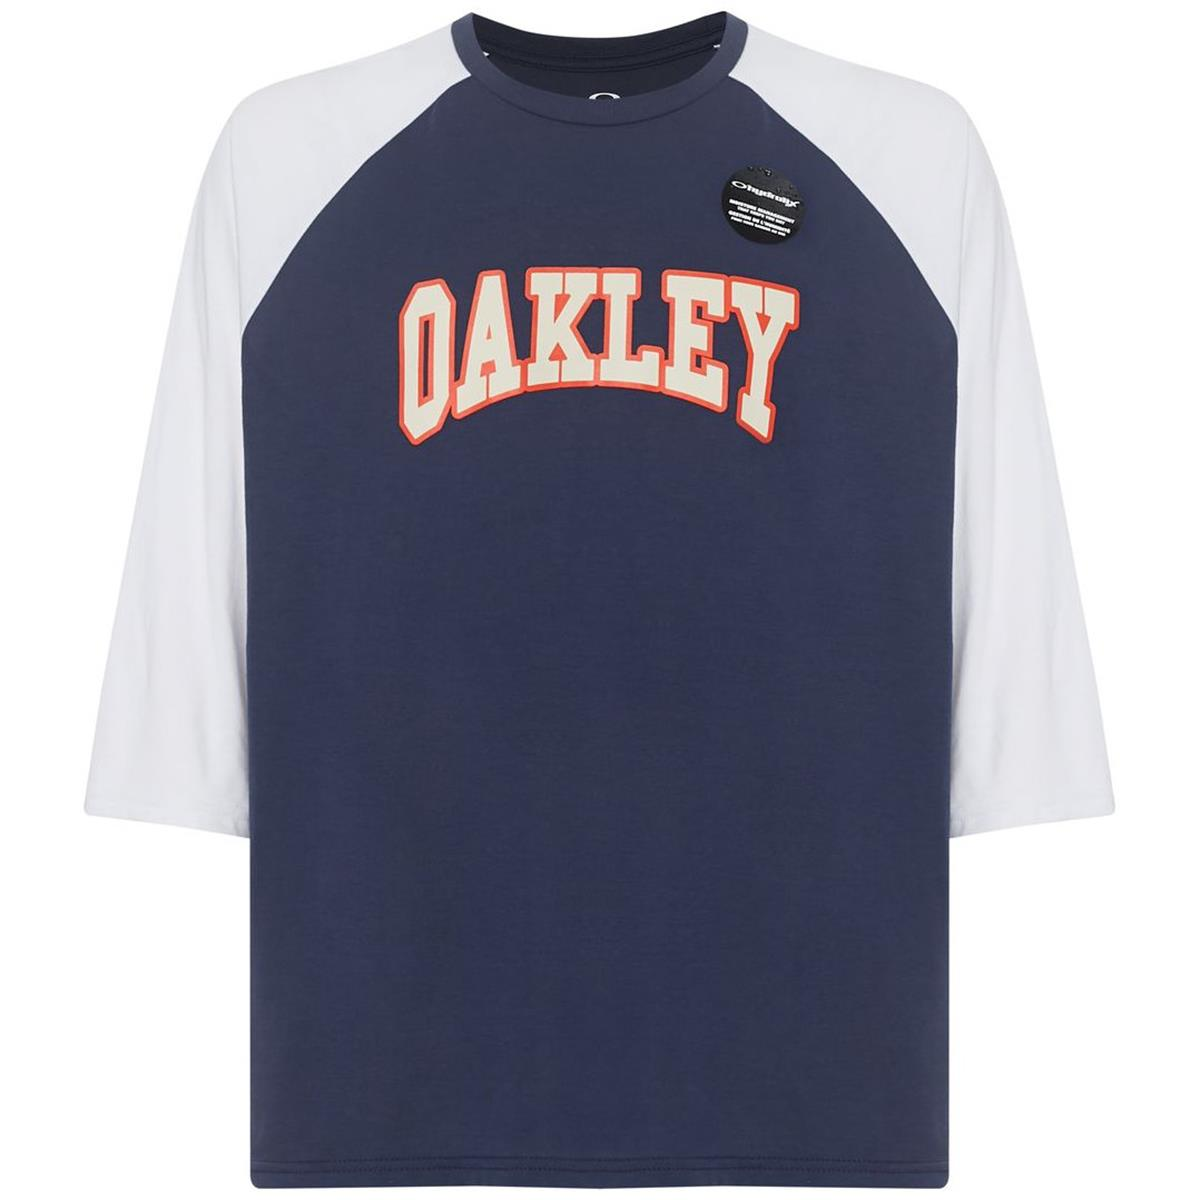 Oakley T-Shirt Sport Weiß